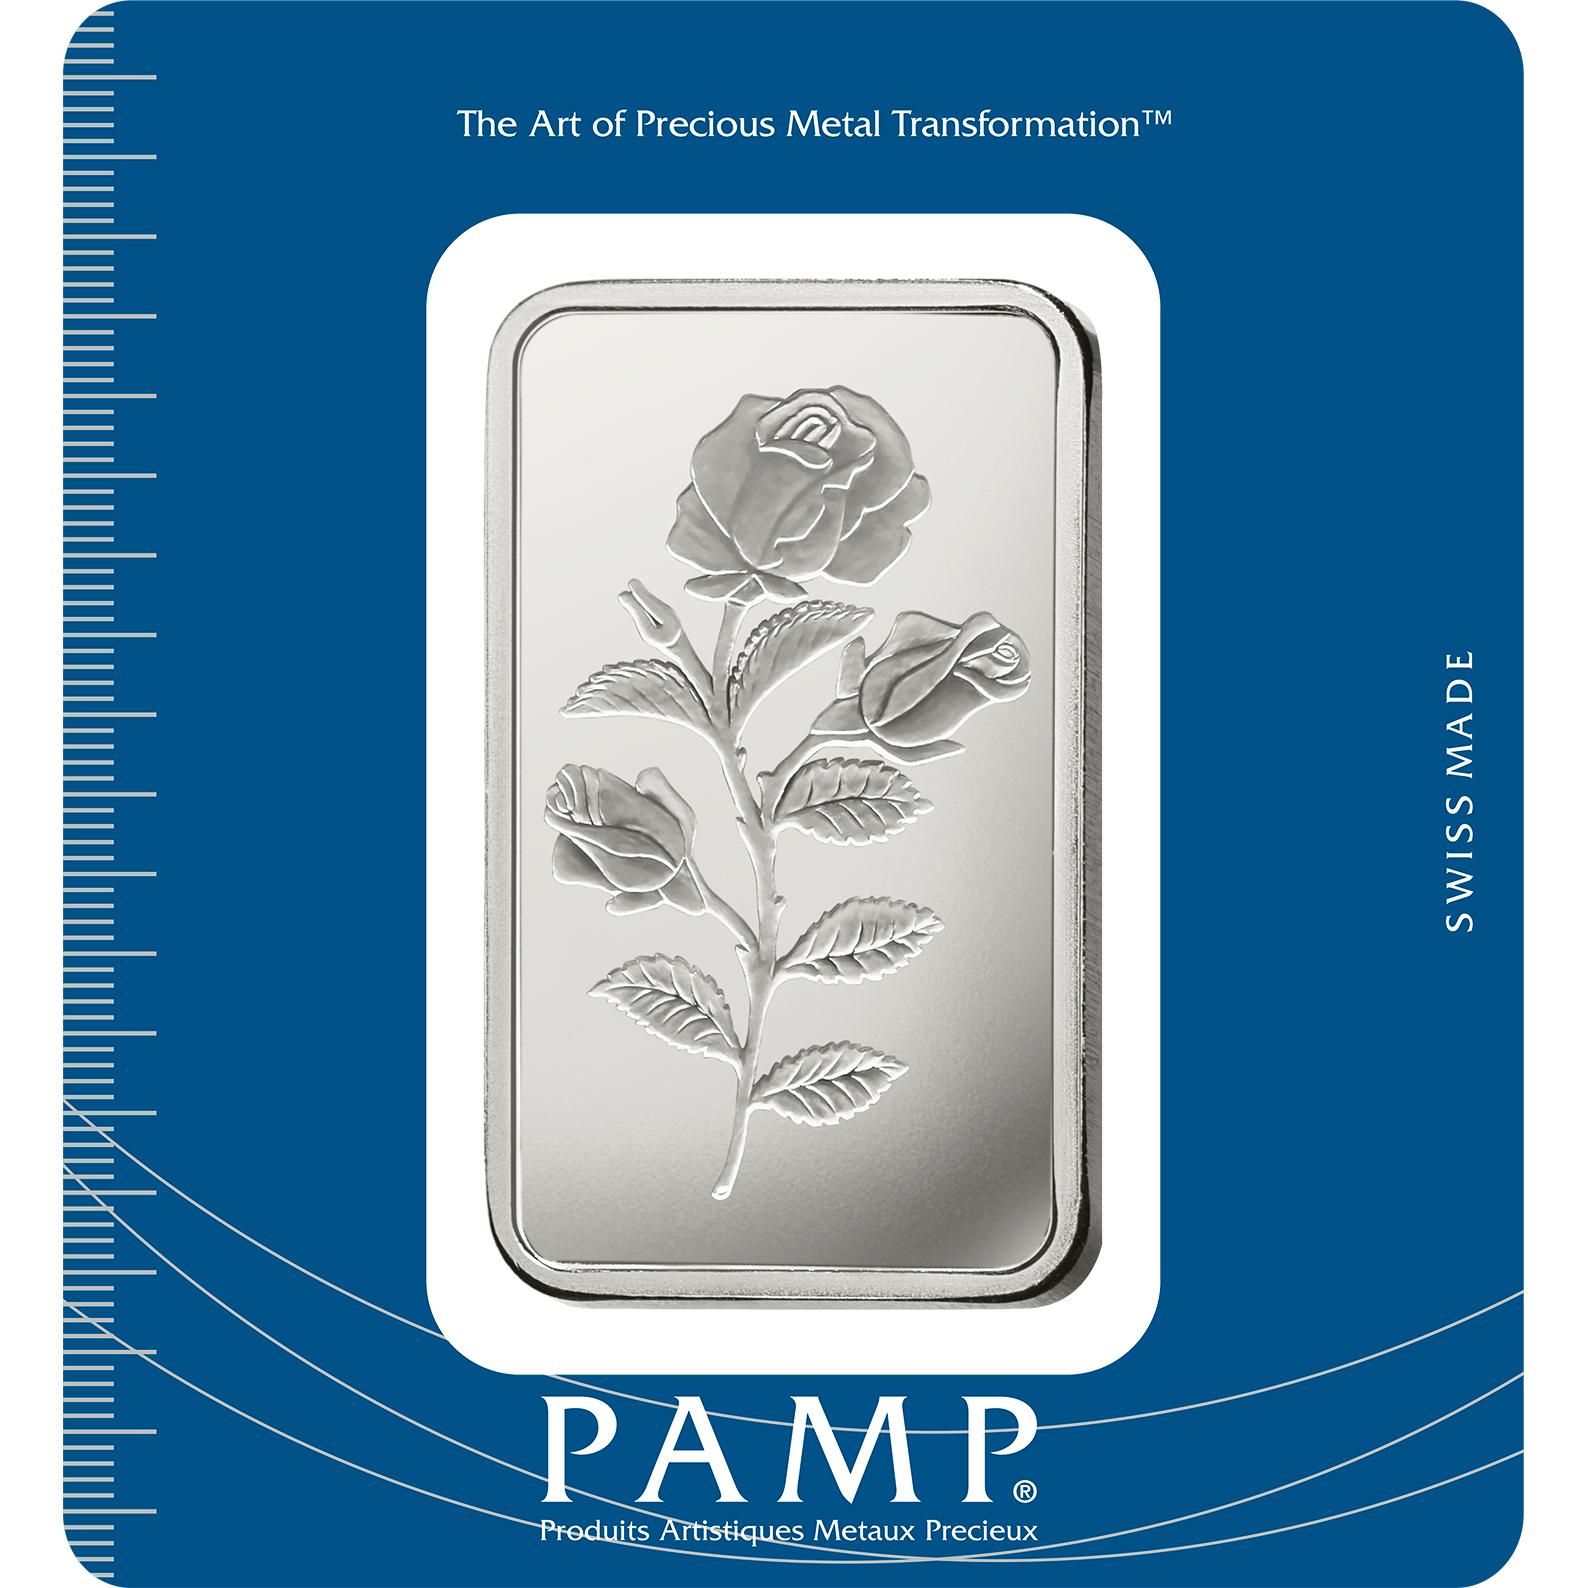 100 Gramm Silberbarren - PAMP Suisse Rosa